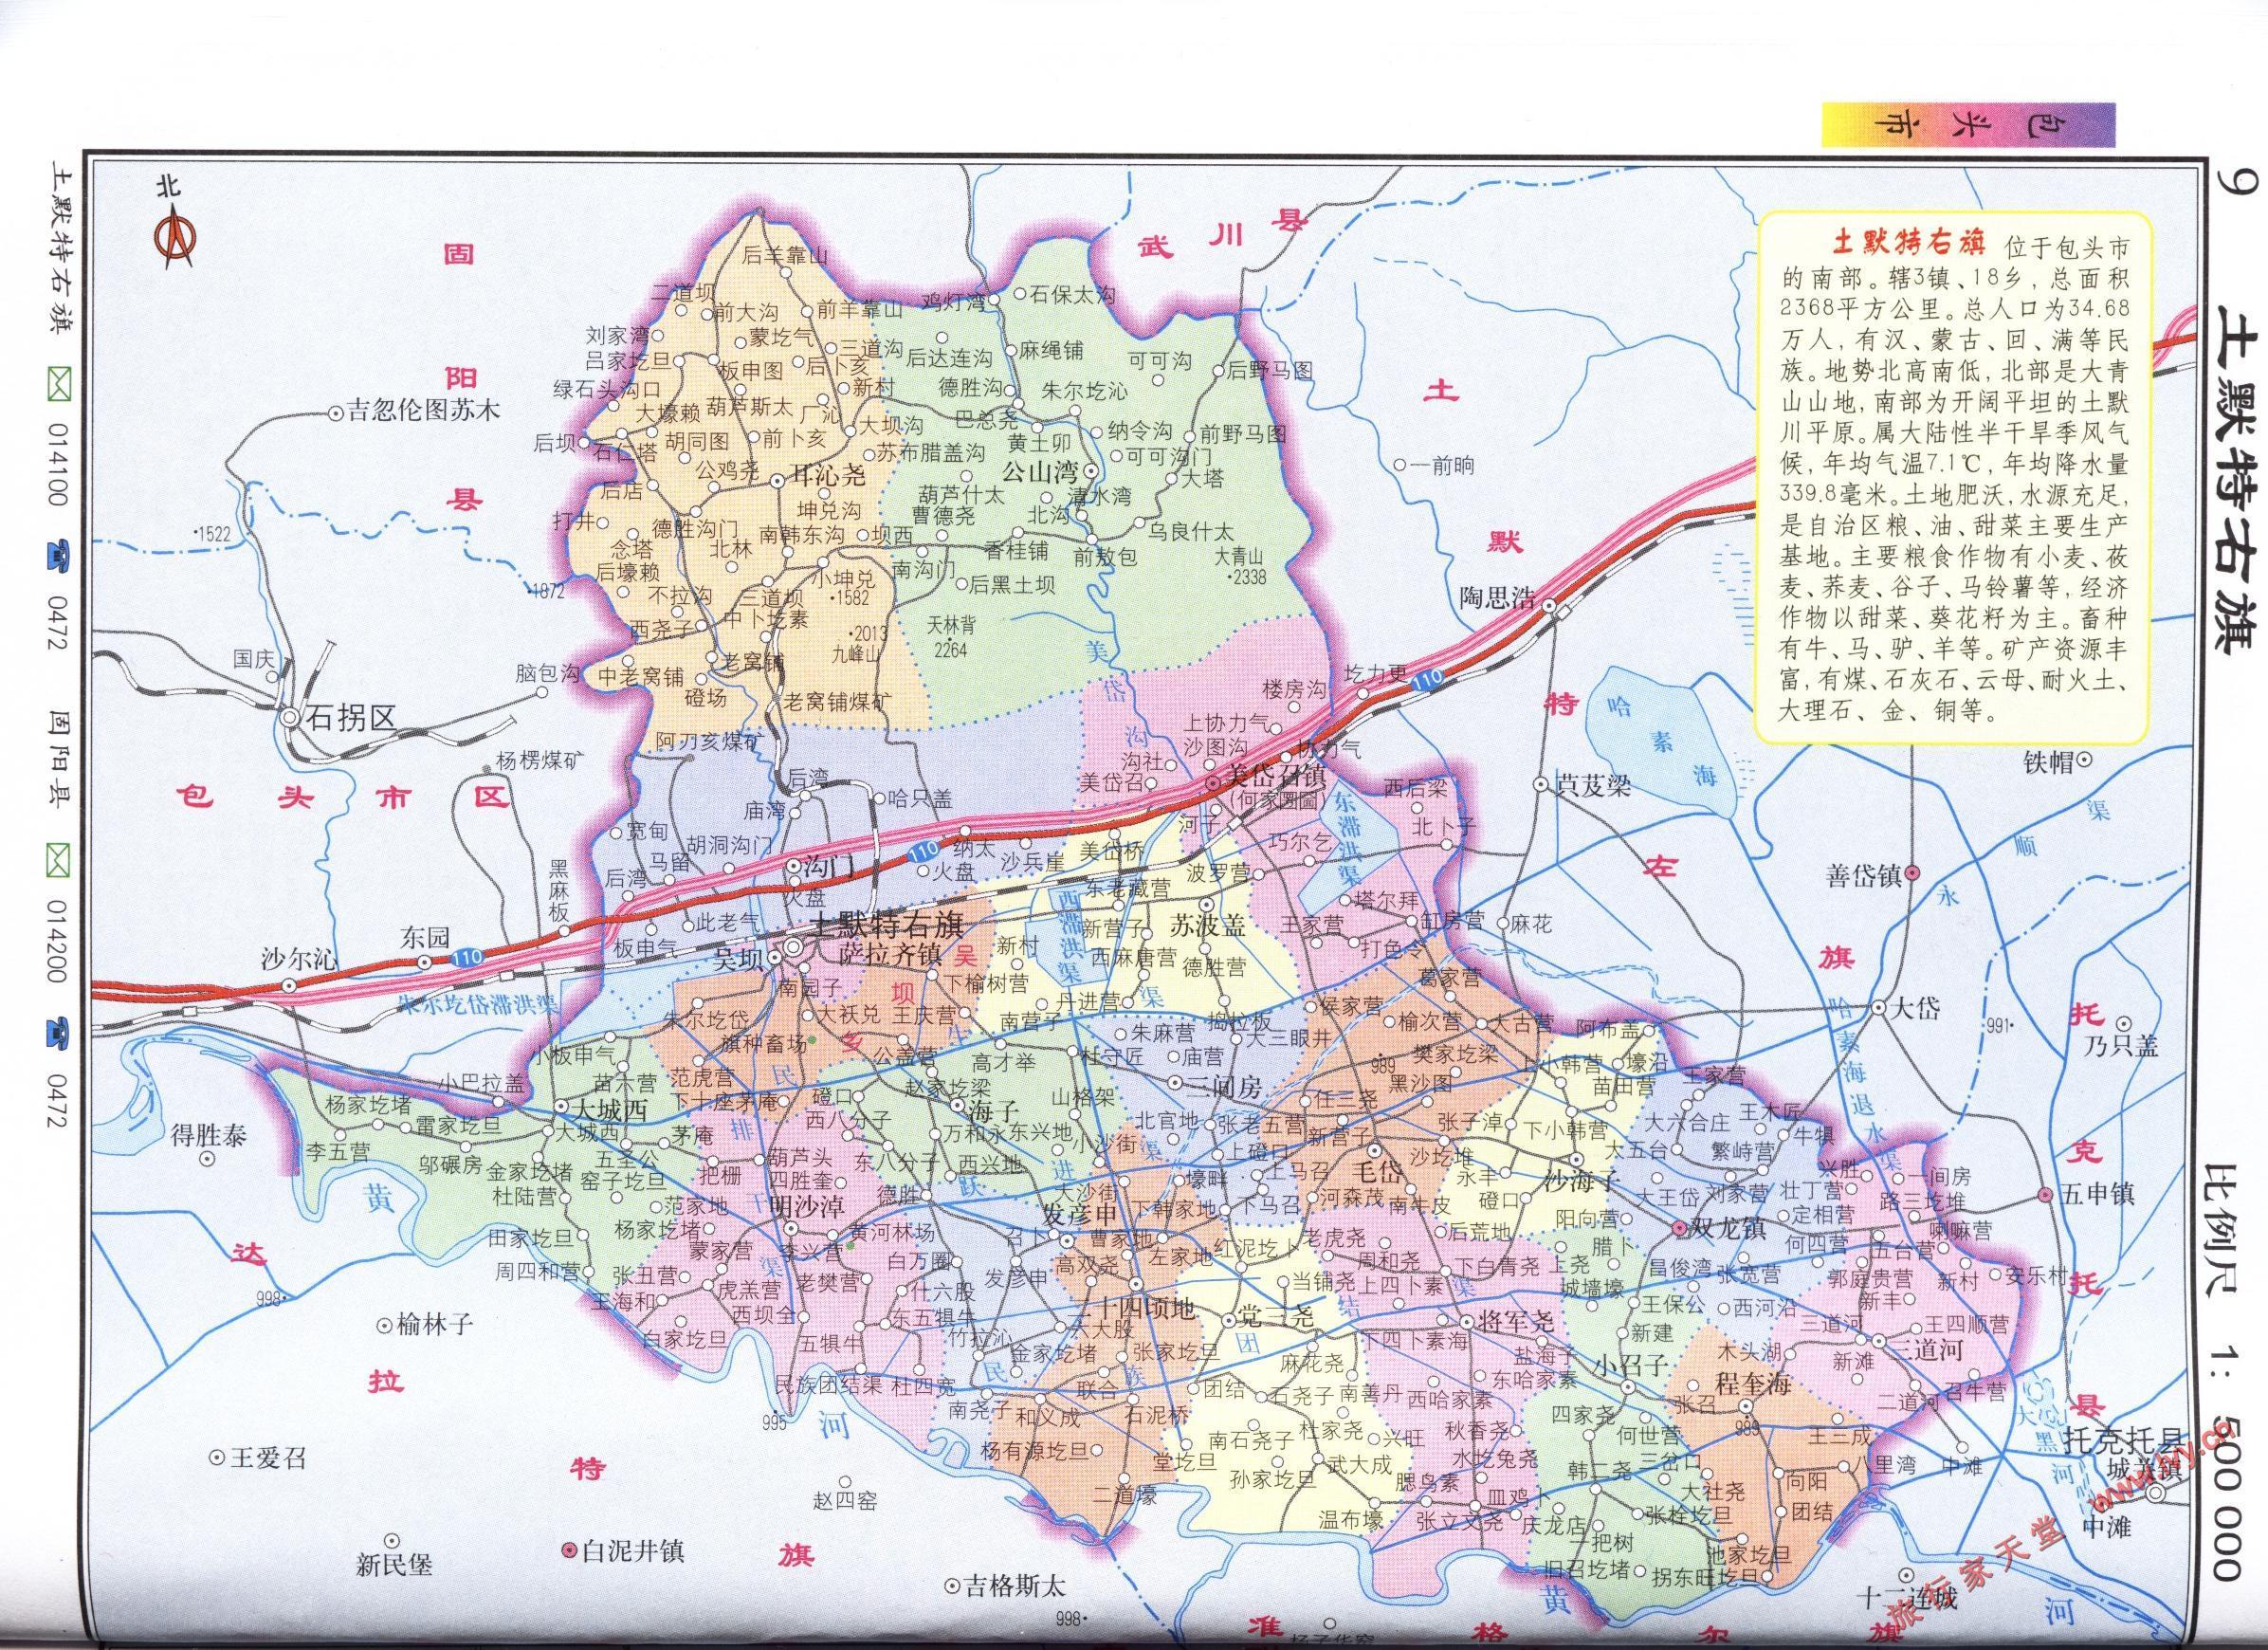 地图窝 中国 内蒙古 包头  (长按地图可以放大,保存,分享)       暂